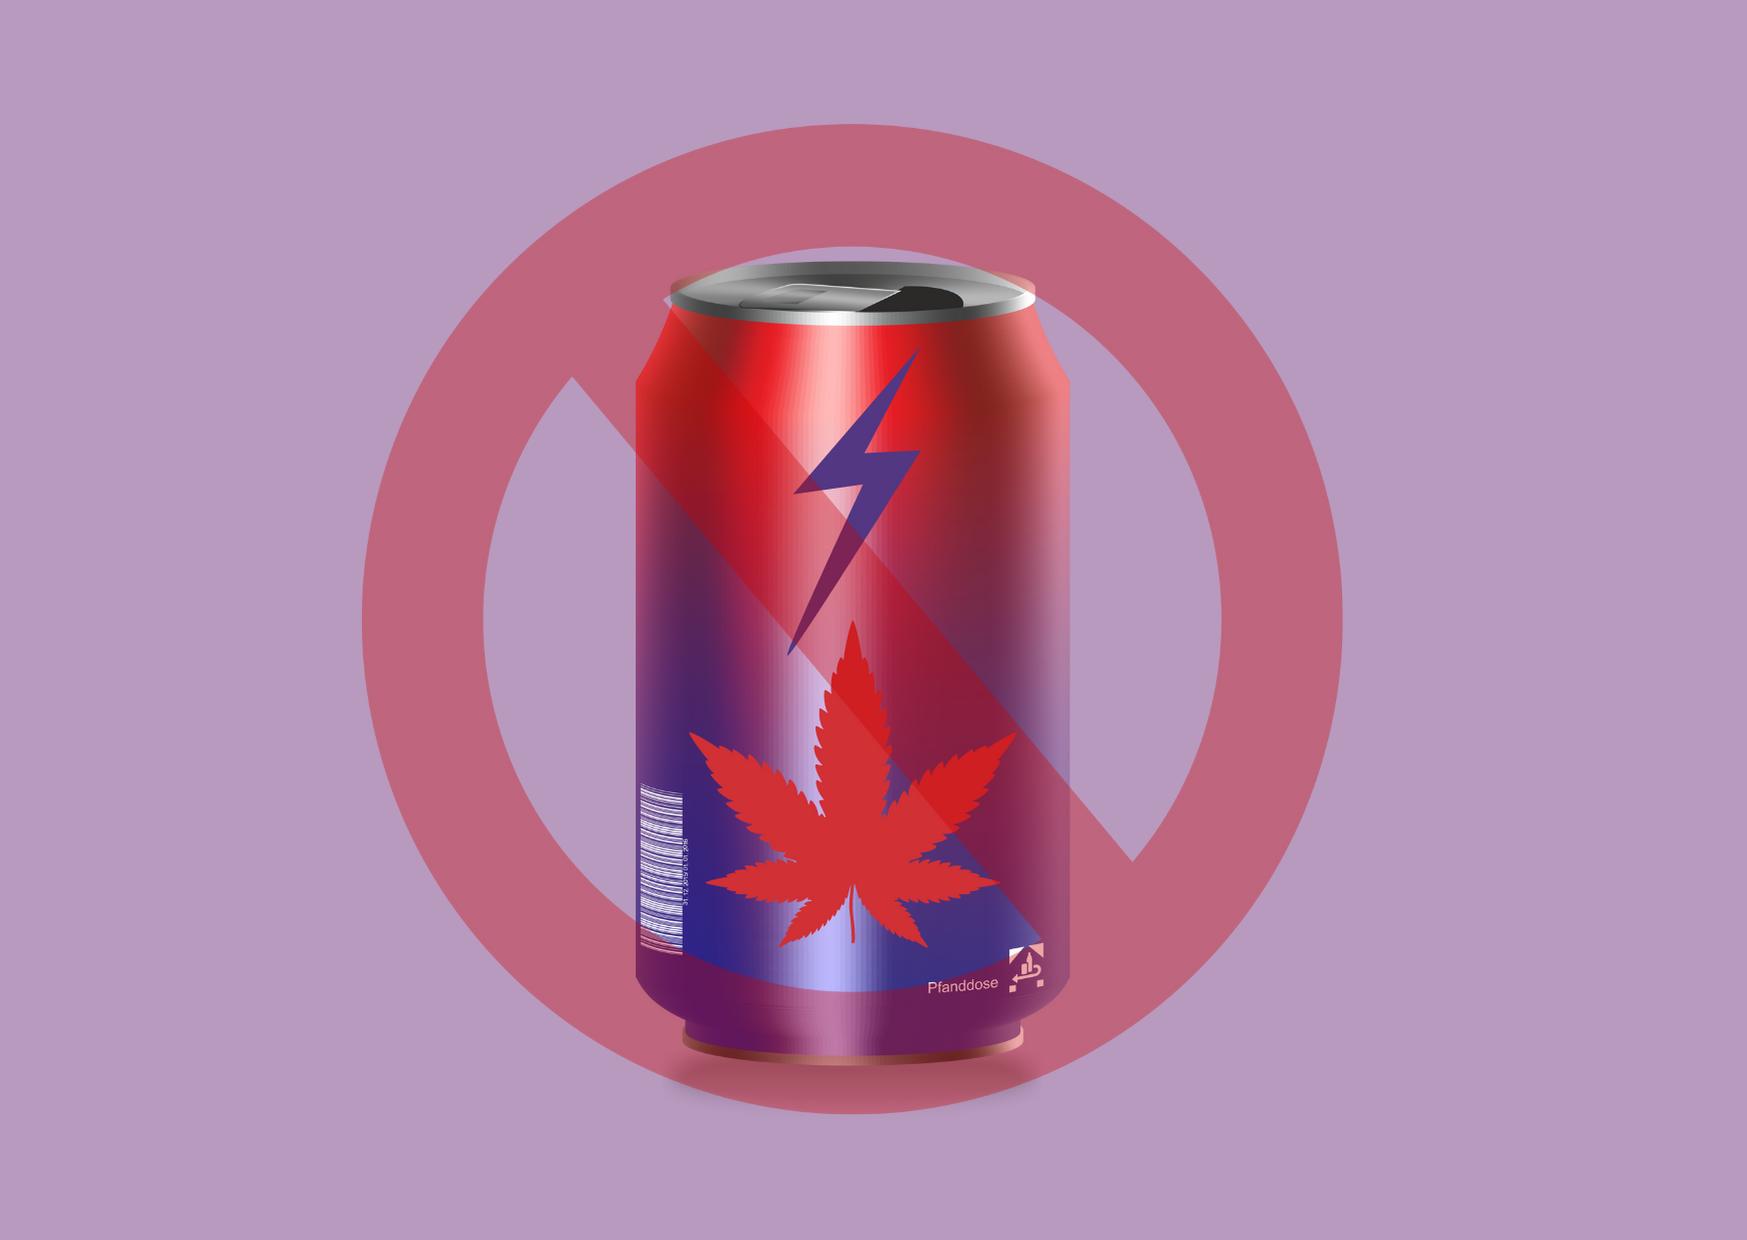 Image de synthèse d'une canette ornée d'une feuille de cannabis et d'un éclair, insérée dans un cercle rouge barré.